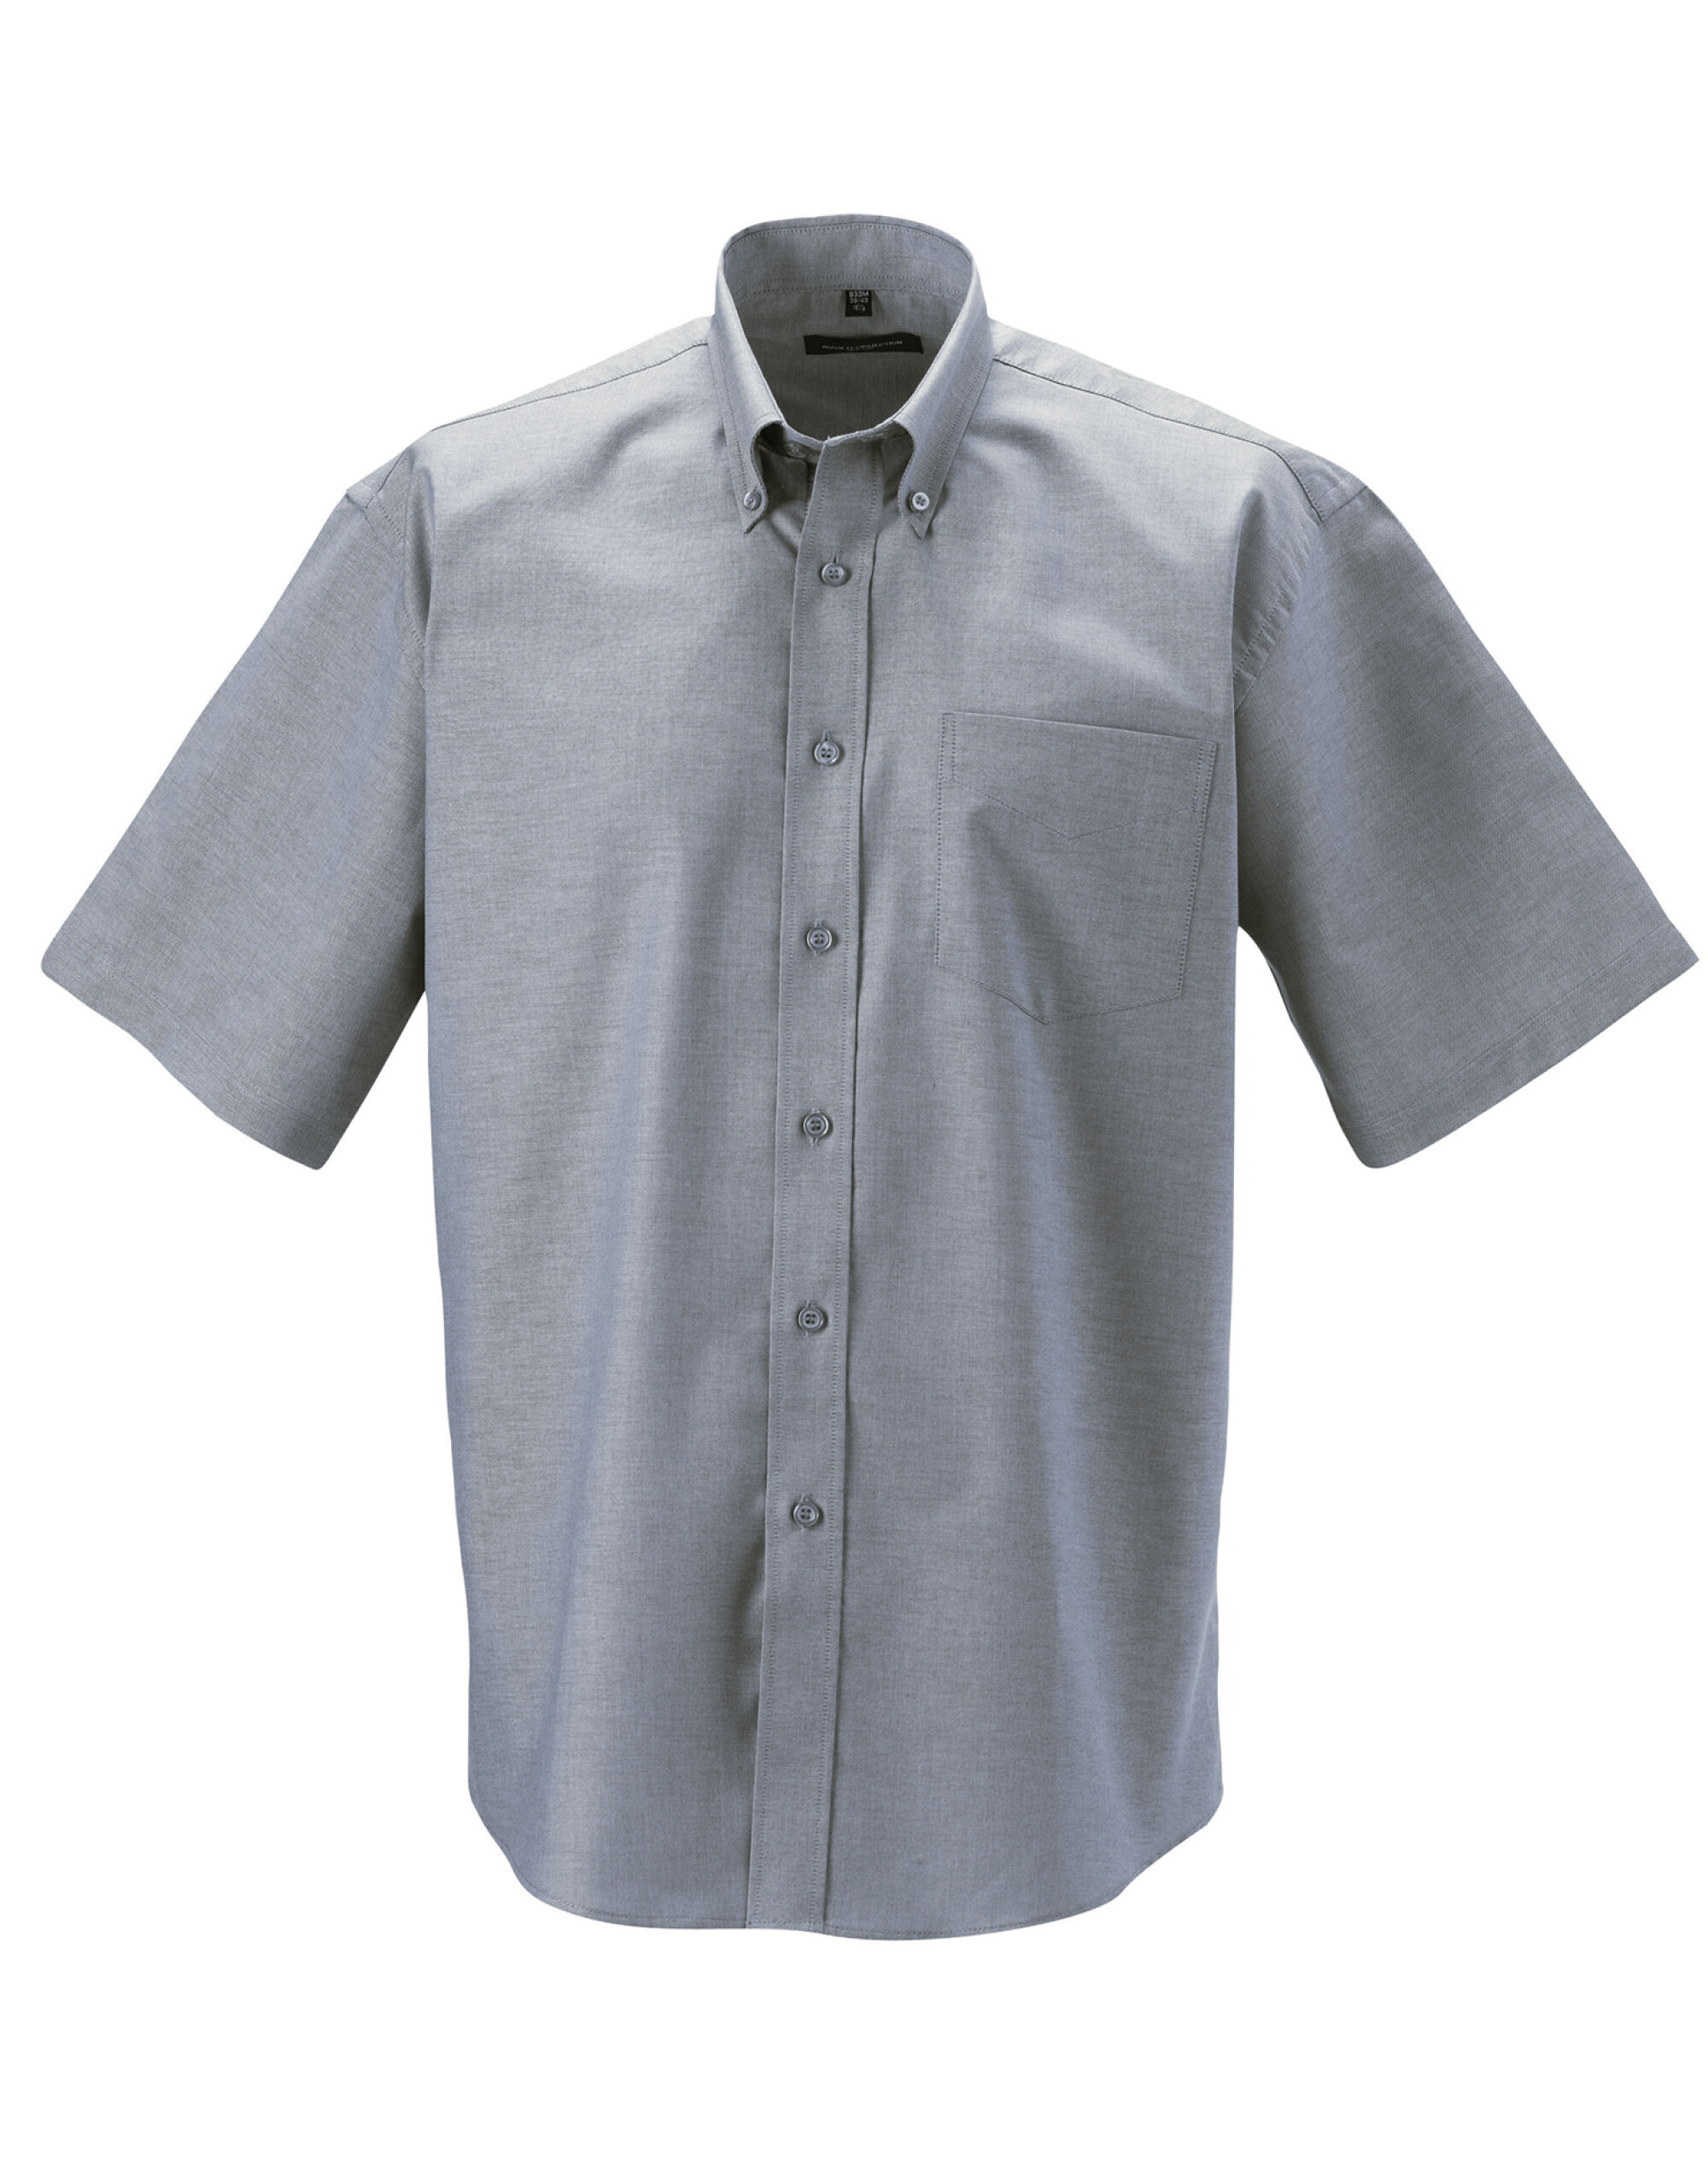 Men's Short Sleeve Easy Care Oxford Shirt